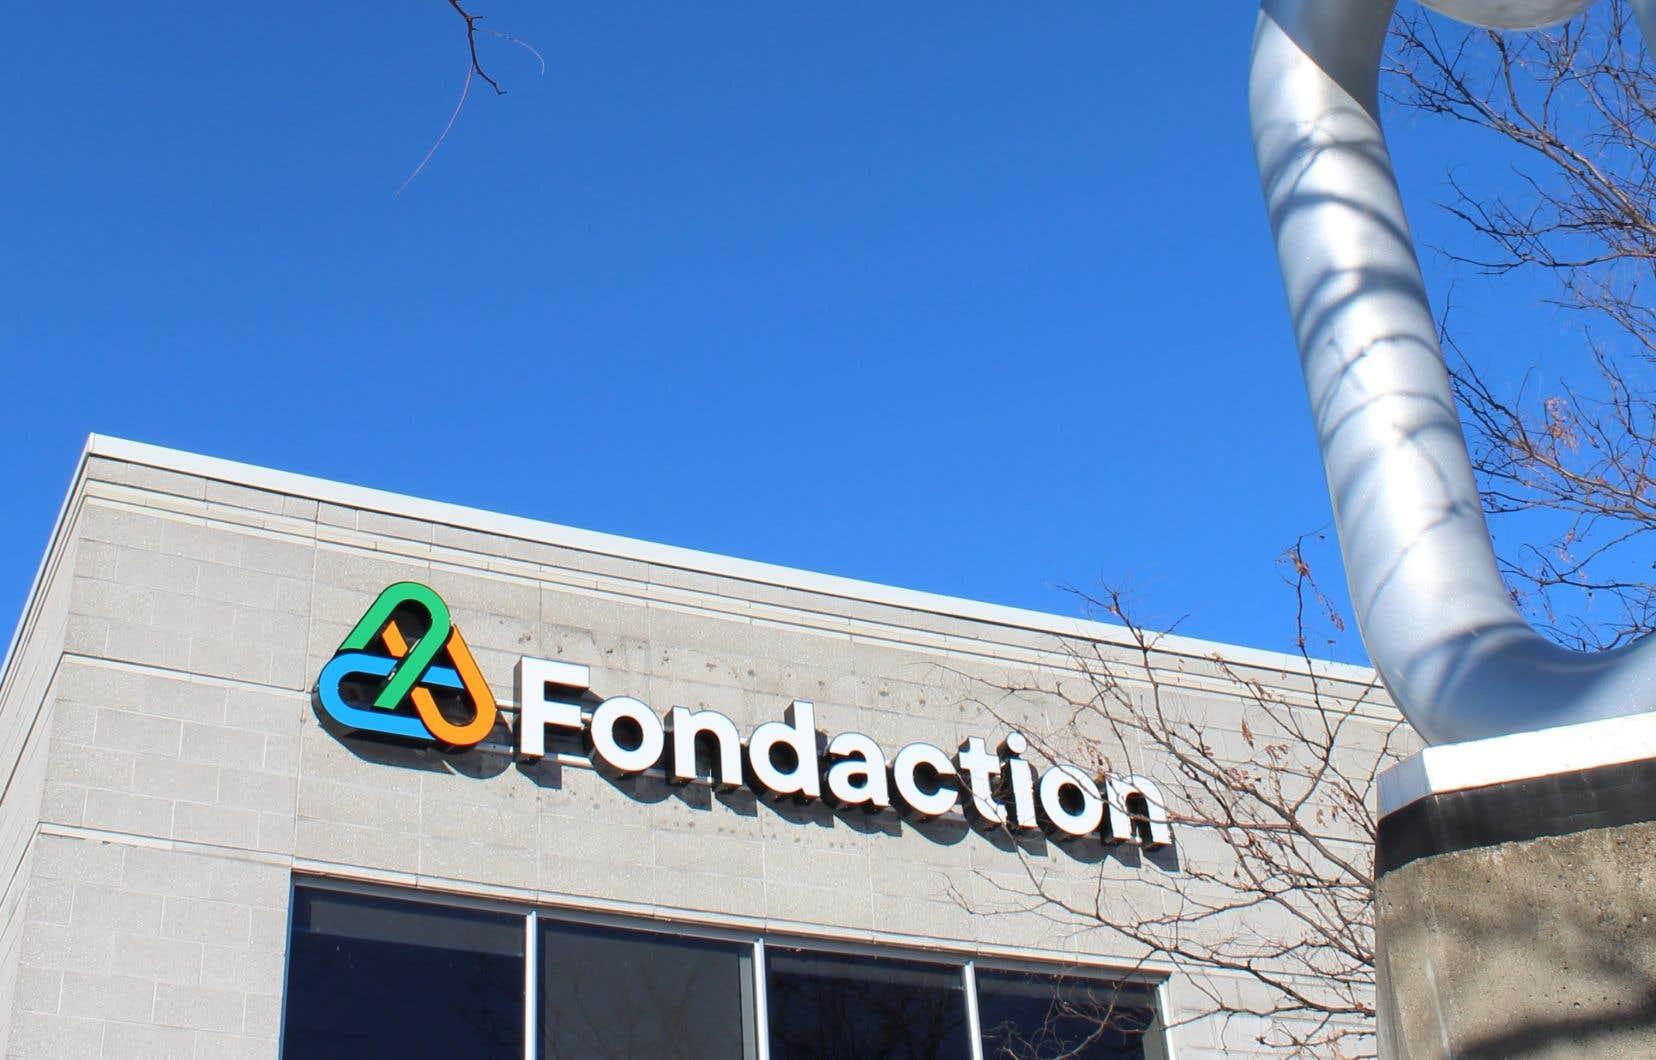 Le nouveau fonds spécialisé en économie circulaire de Fondaction disposera de 30 millions de dollars destinés à offrir du capital de risque à de jeunes entreprises canadiennes innovantes dans le domaine.